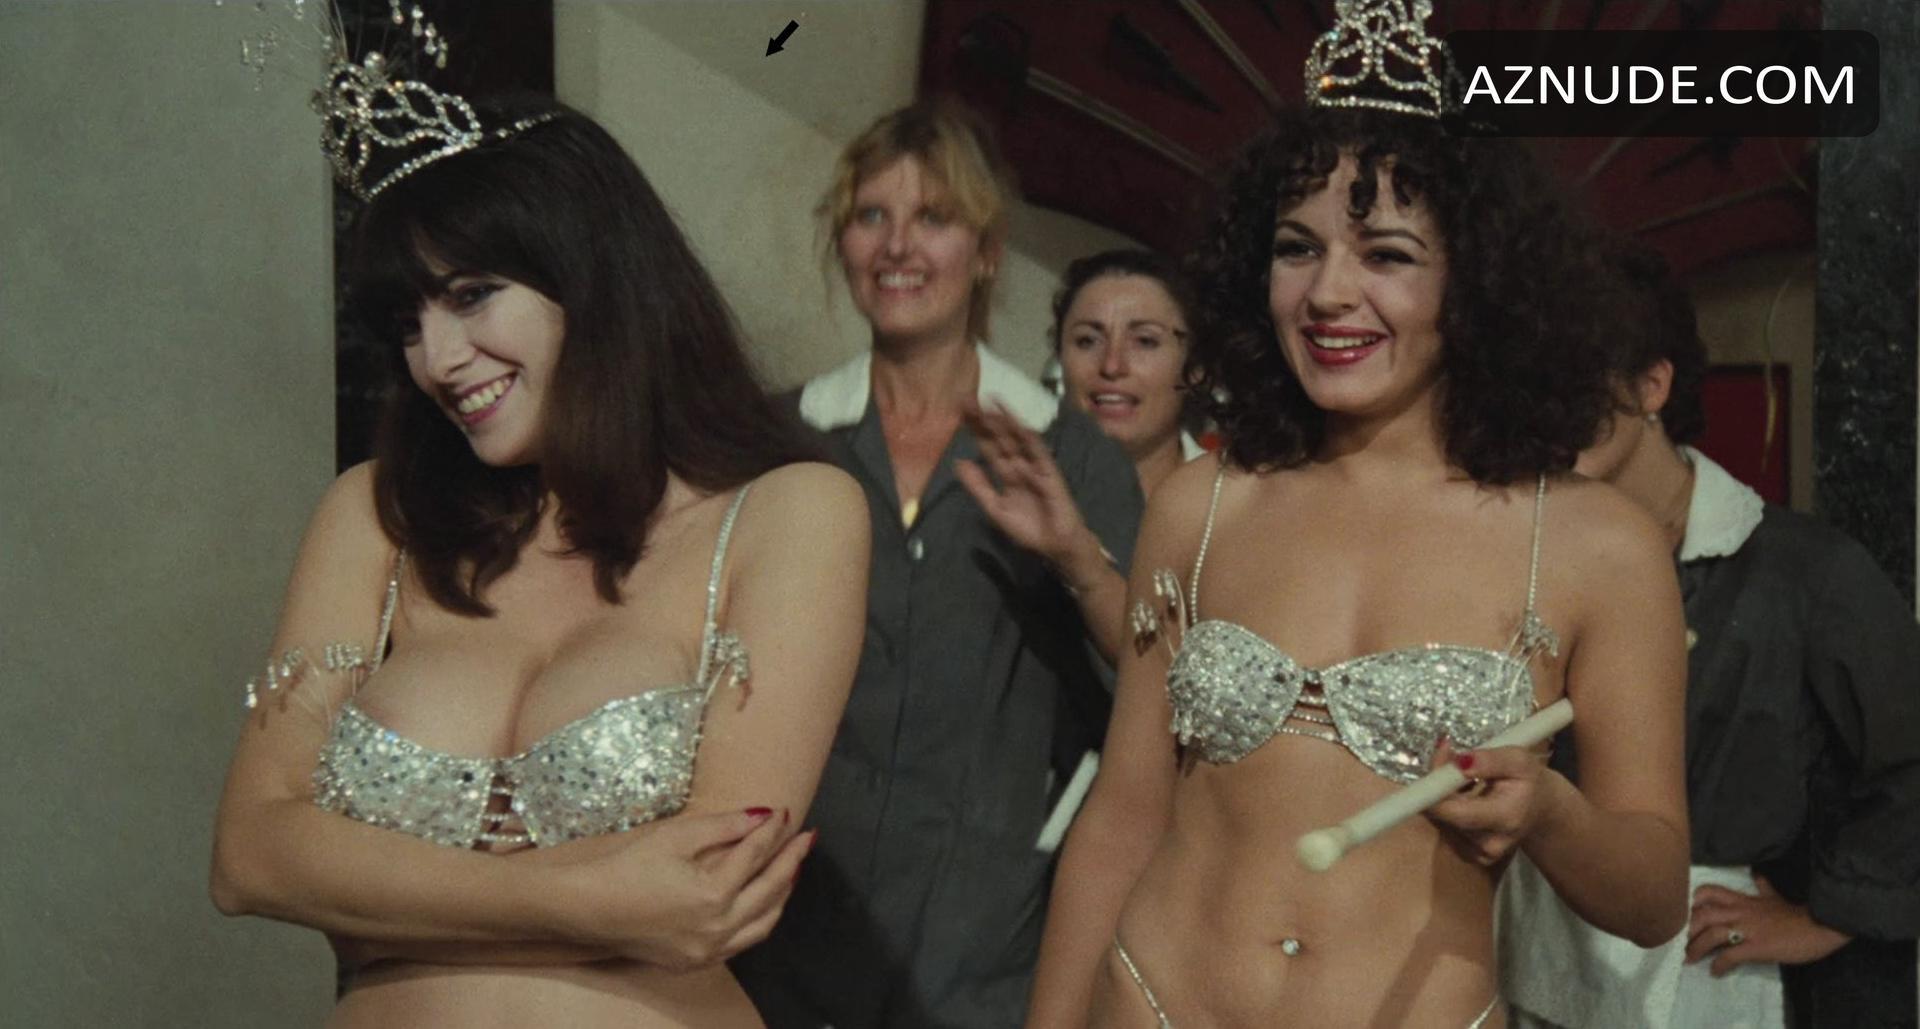 Donatella damiani il peccato di lola 1985 - 2 6